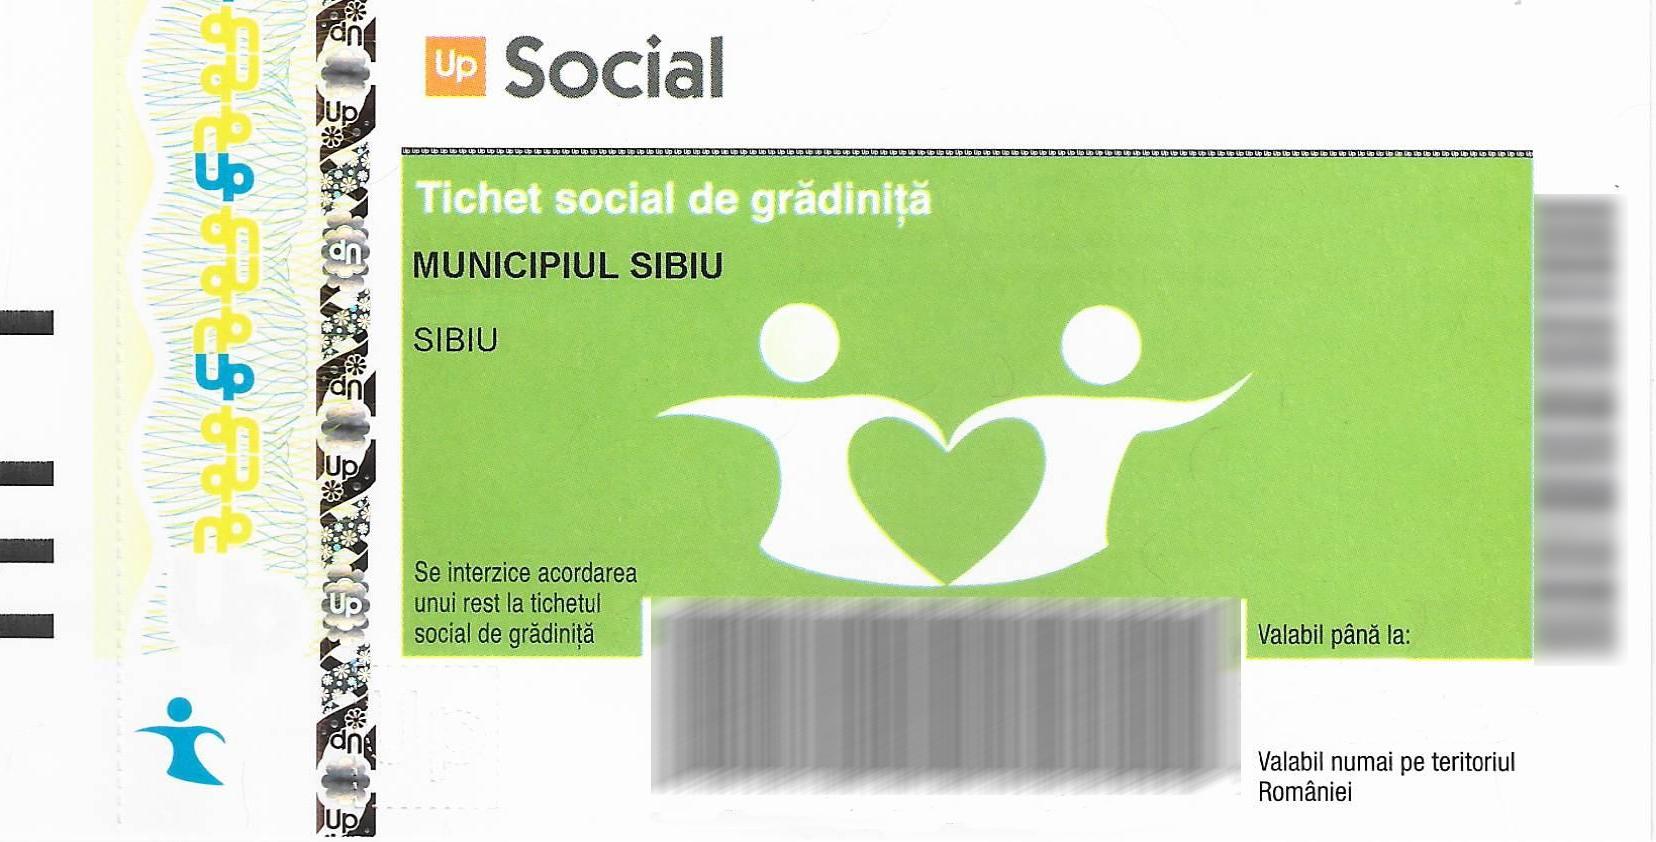 Primăria Sibiu: Modificări în acordarea tichetelor pentru grădiniță